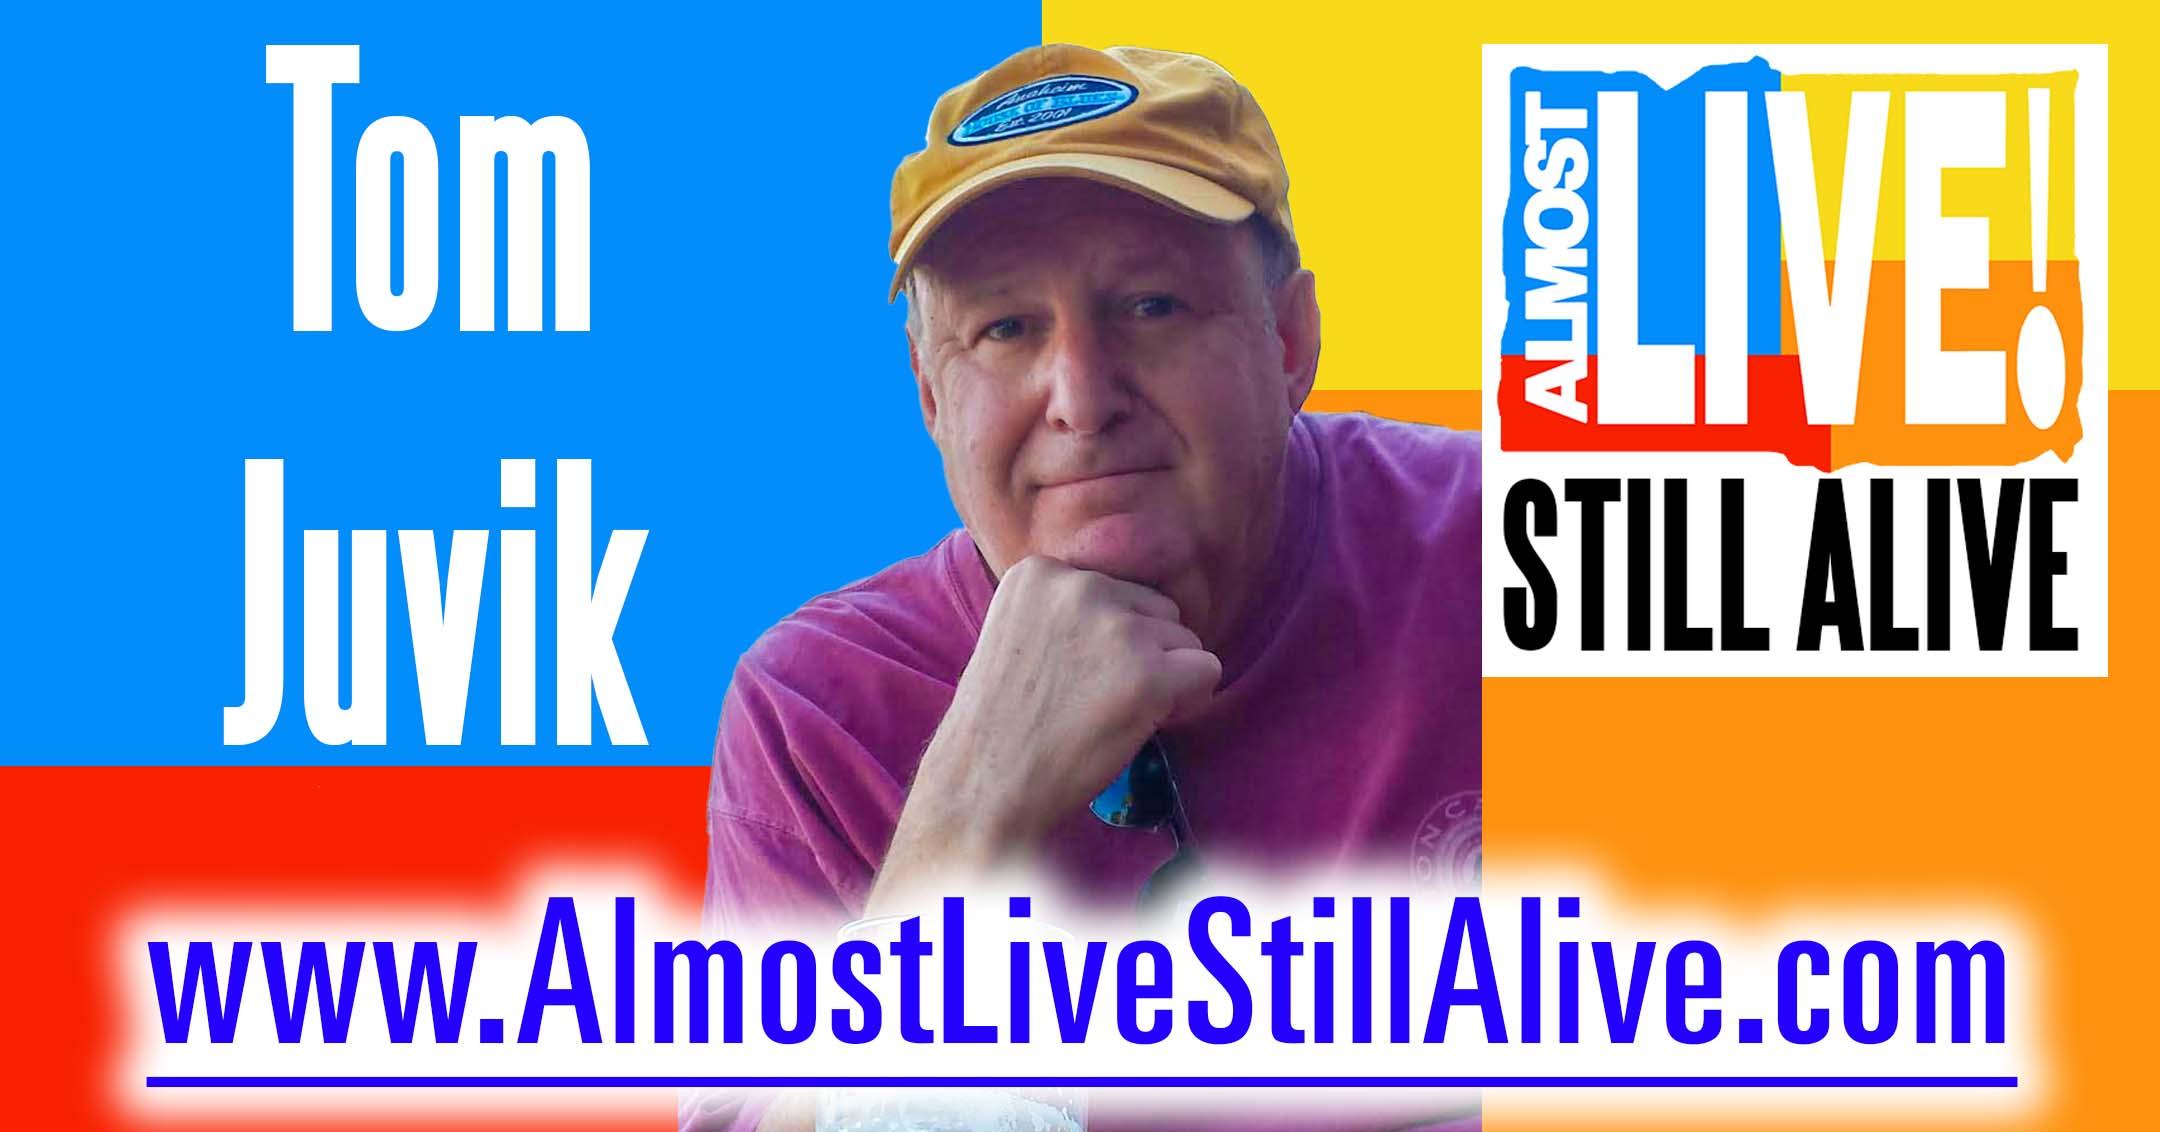 Almost Live!: Still Alive - Tom Juvik | AlmostLiveStillAlive.com